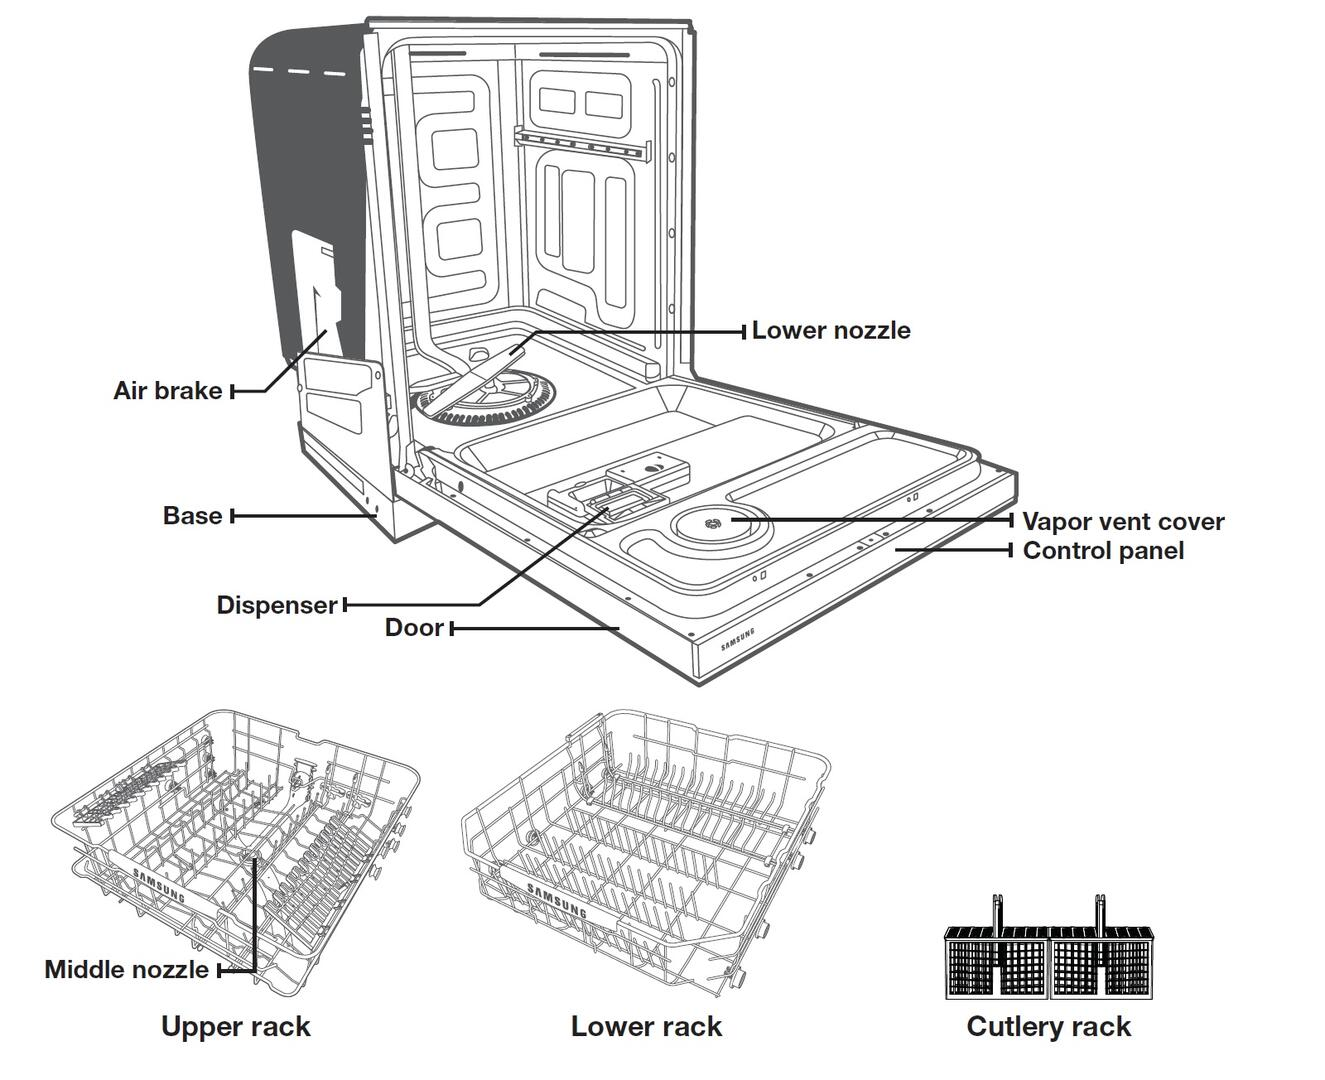 Samsung Appliance Dw80f600utb 24 Inch Built In Fully